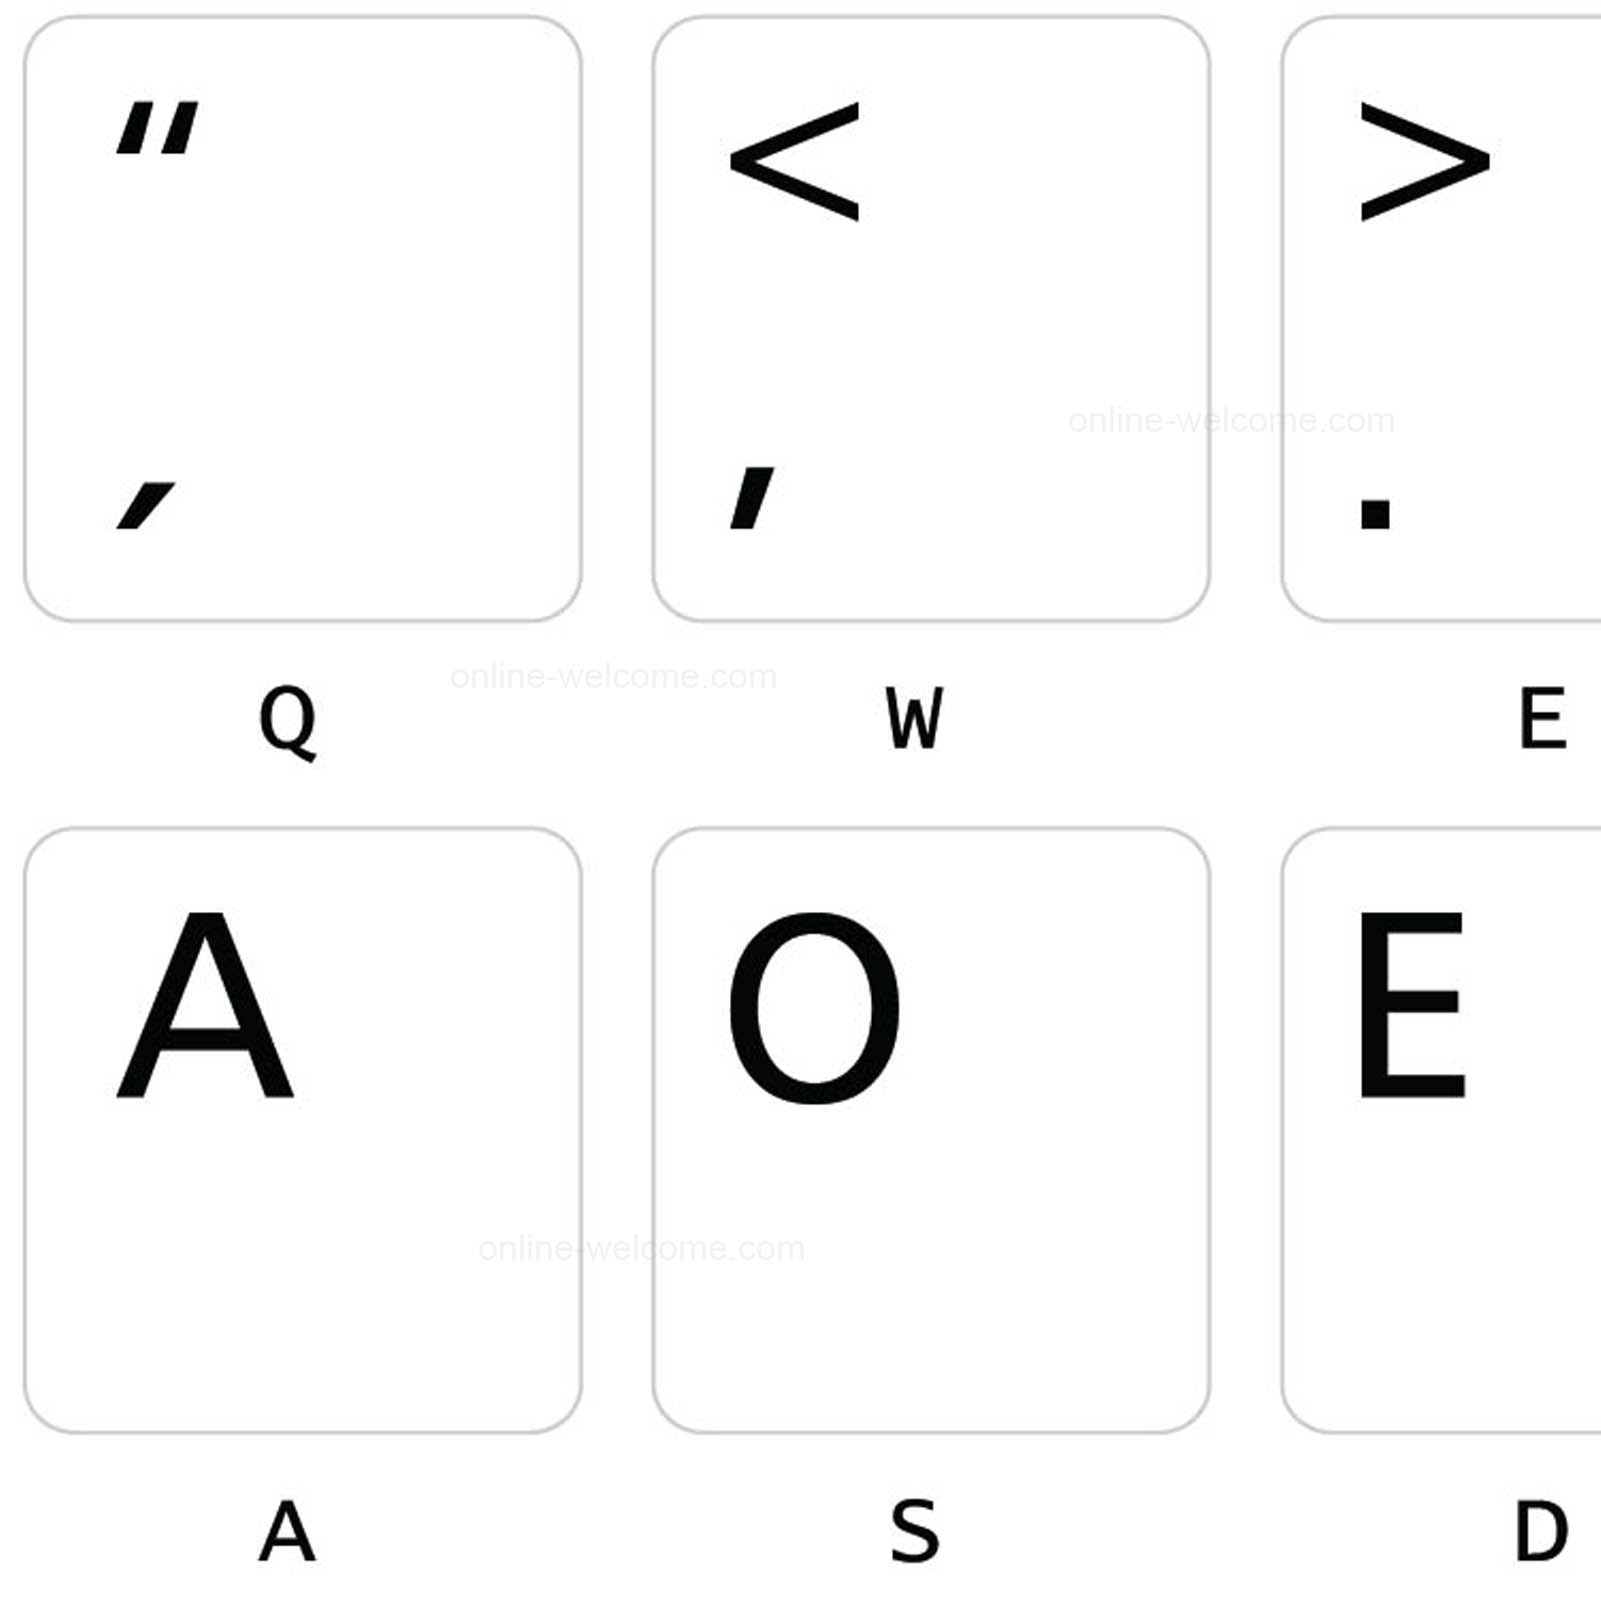 Dvorak UK Keyboard Labels ON Transparent Background with Blue Lettering 14X14